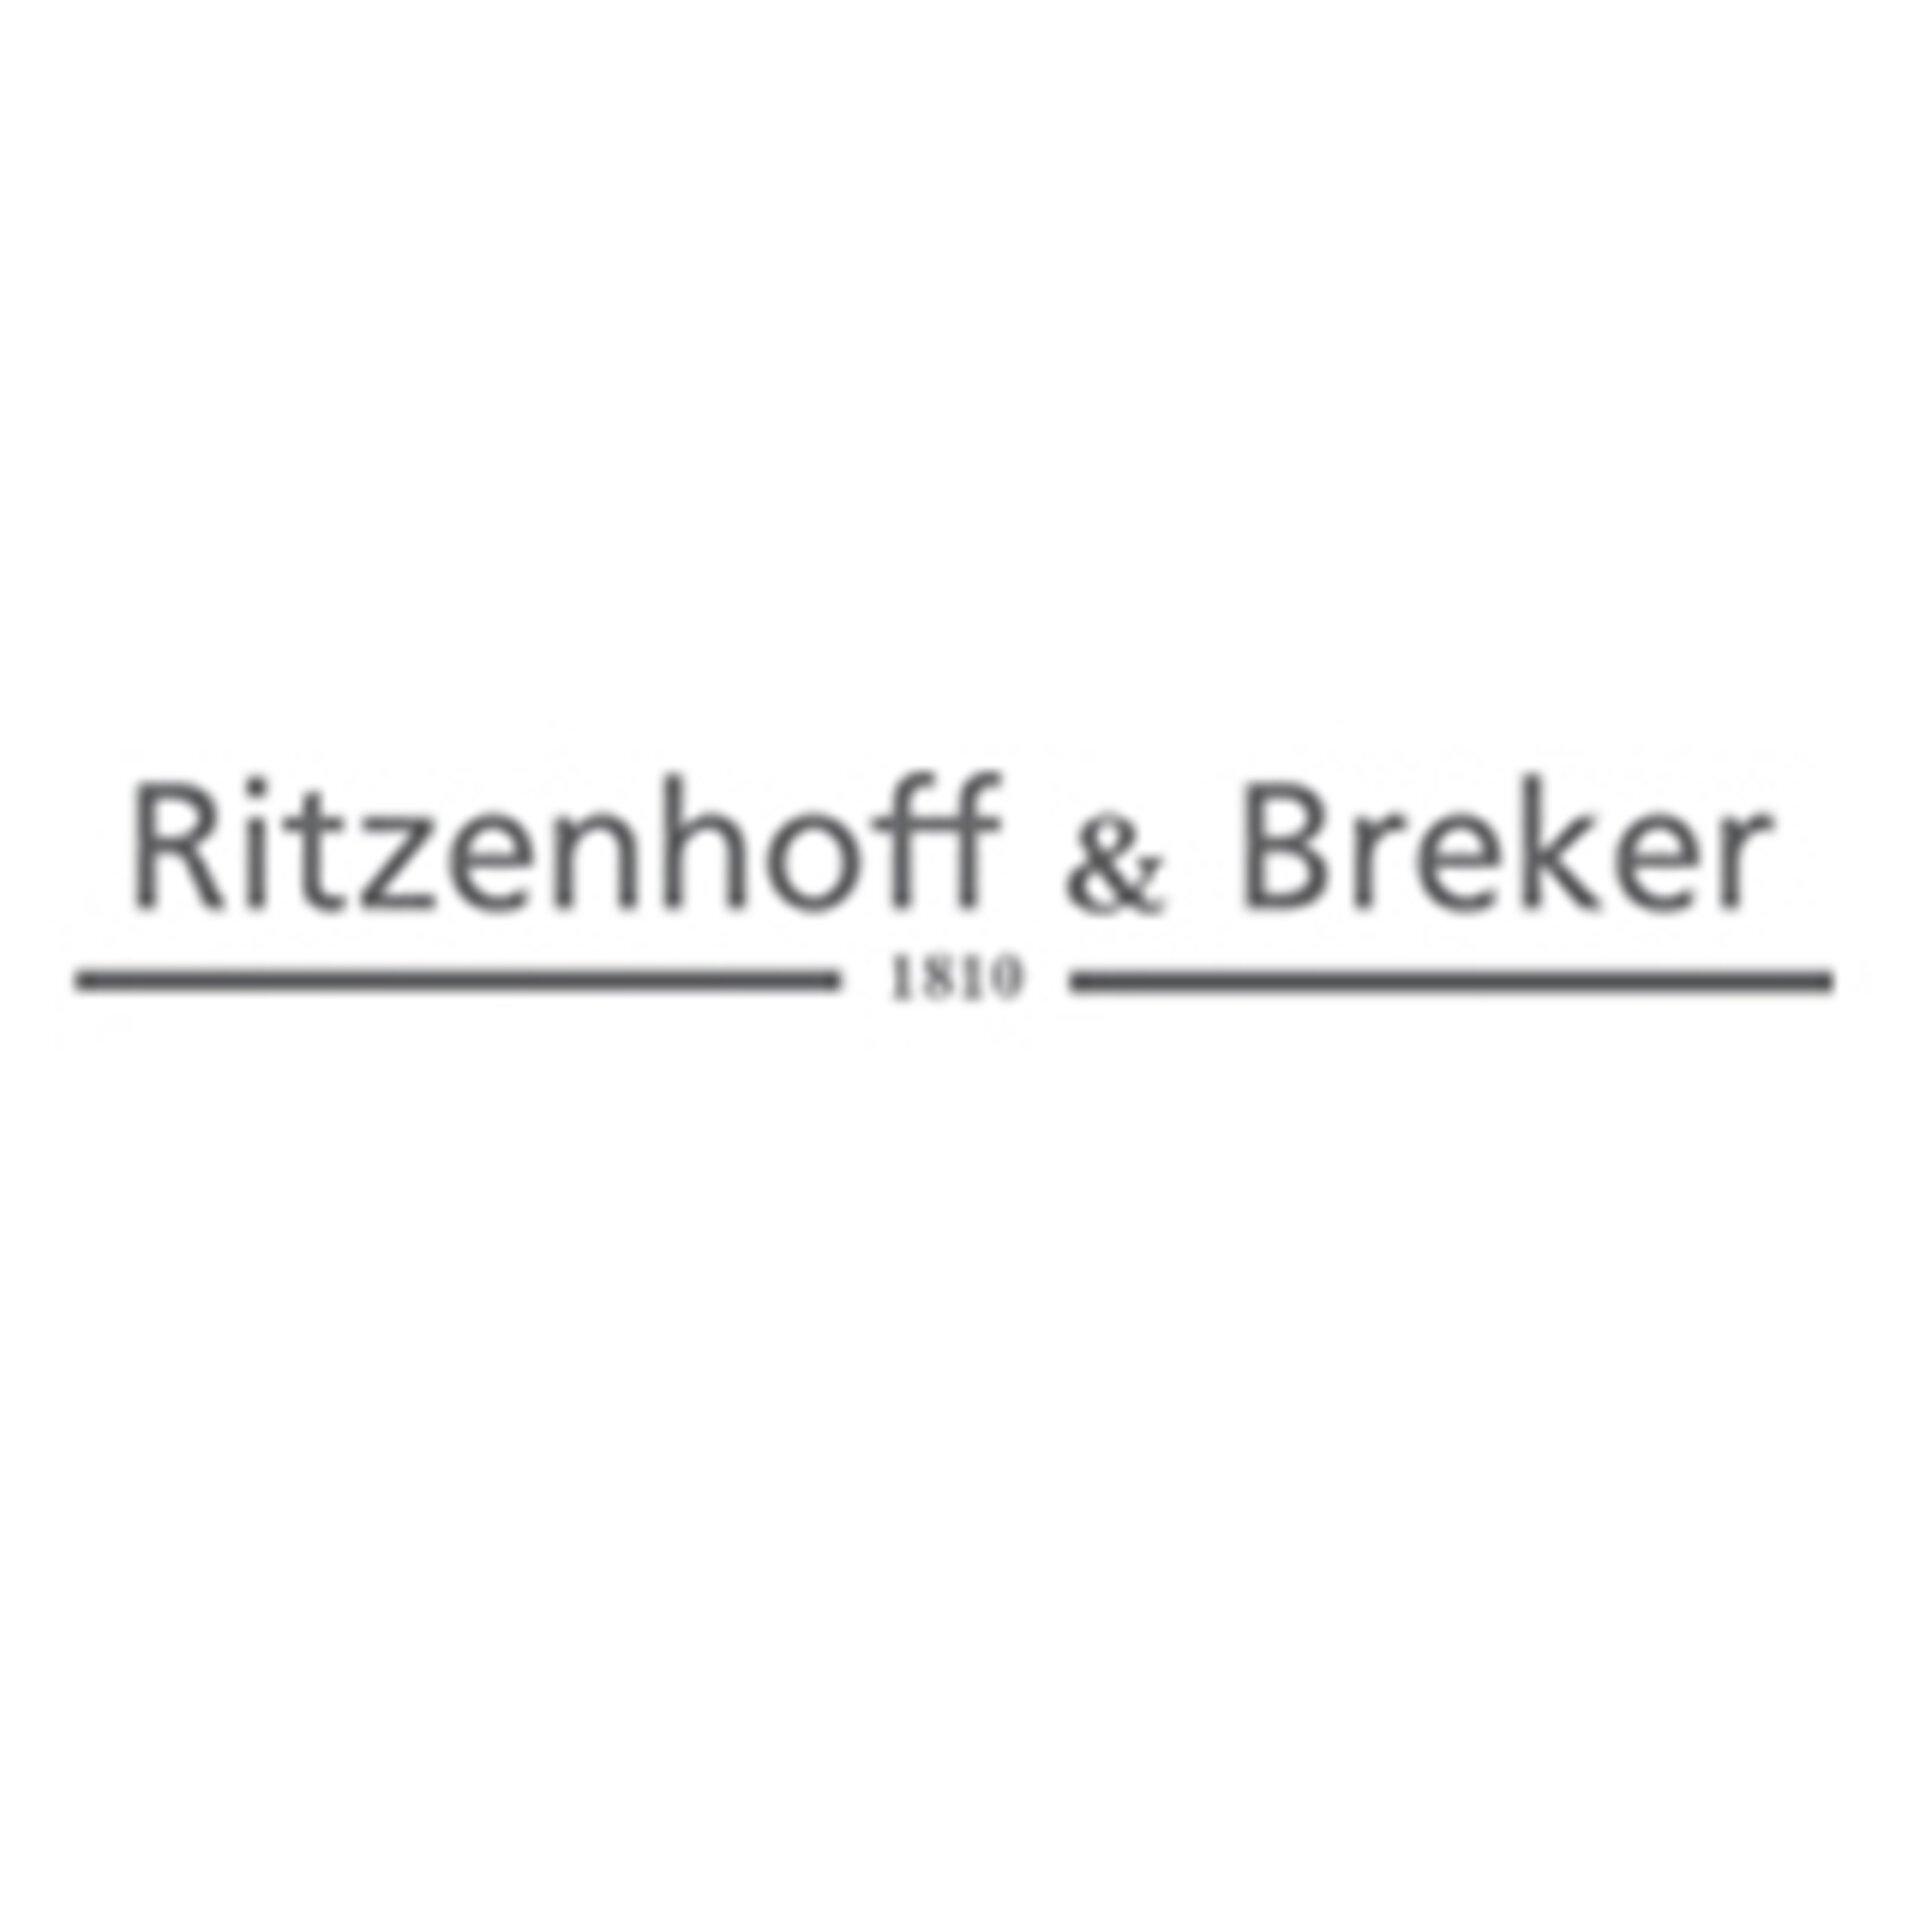 Ritzenhoff & Breker